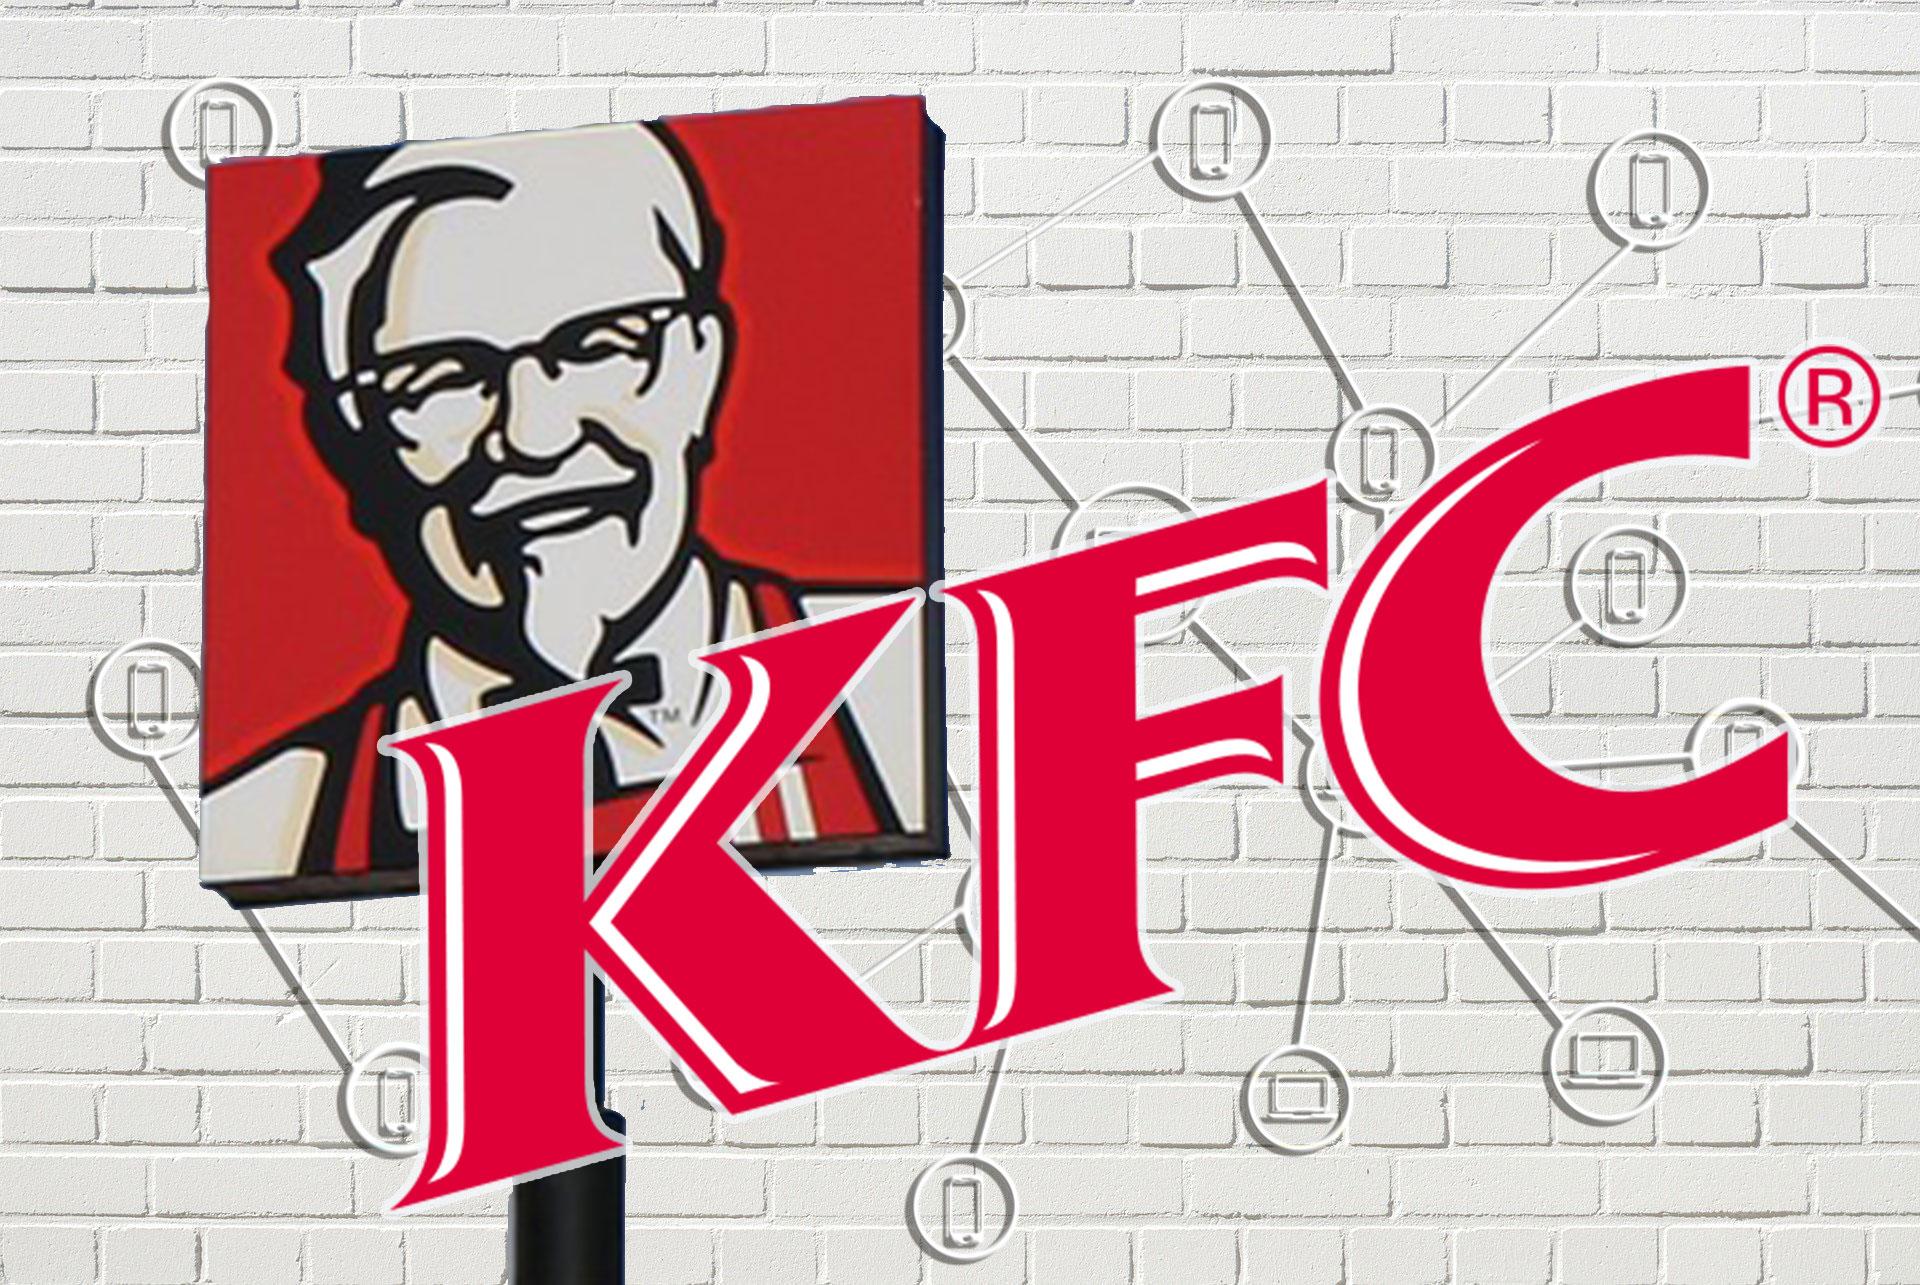 KFC、中東でのデジタル広告などにブロックチェーン技術を導入